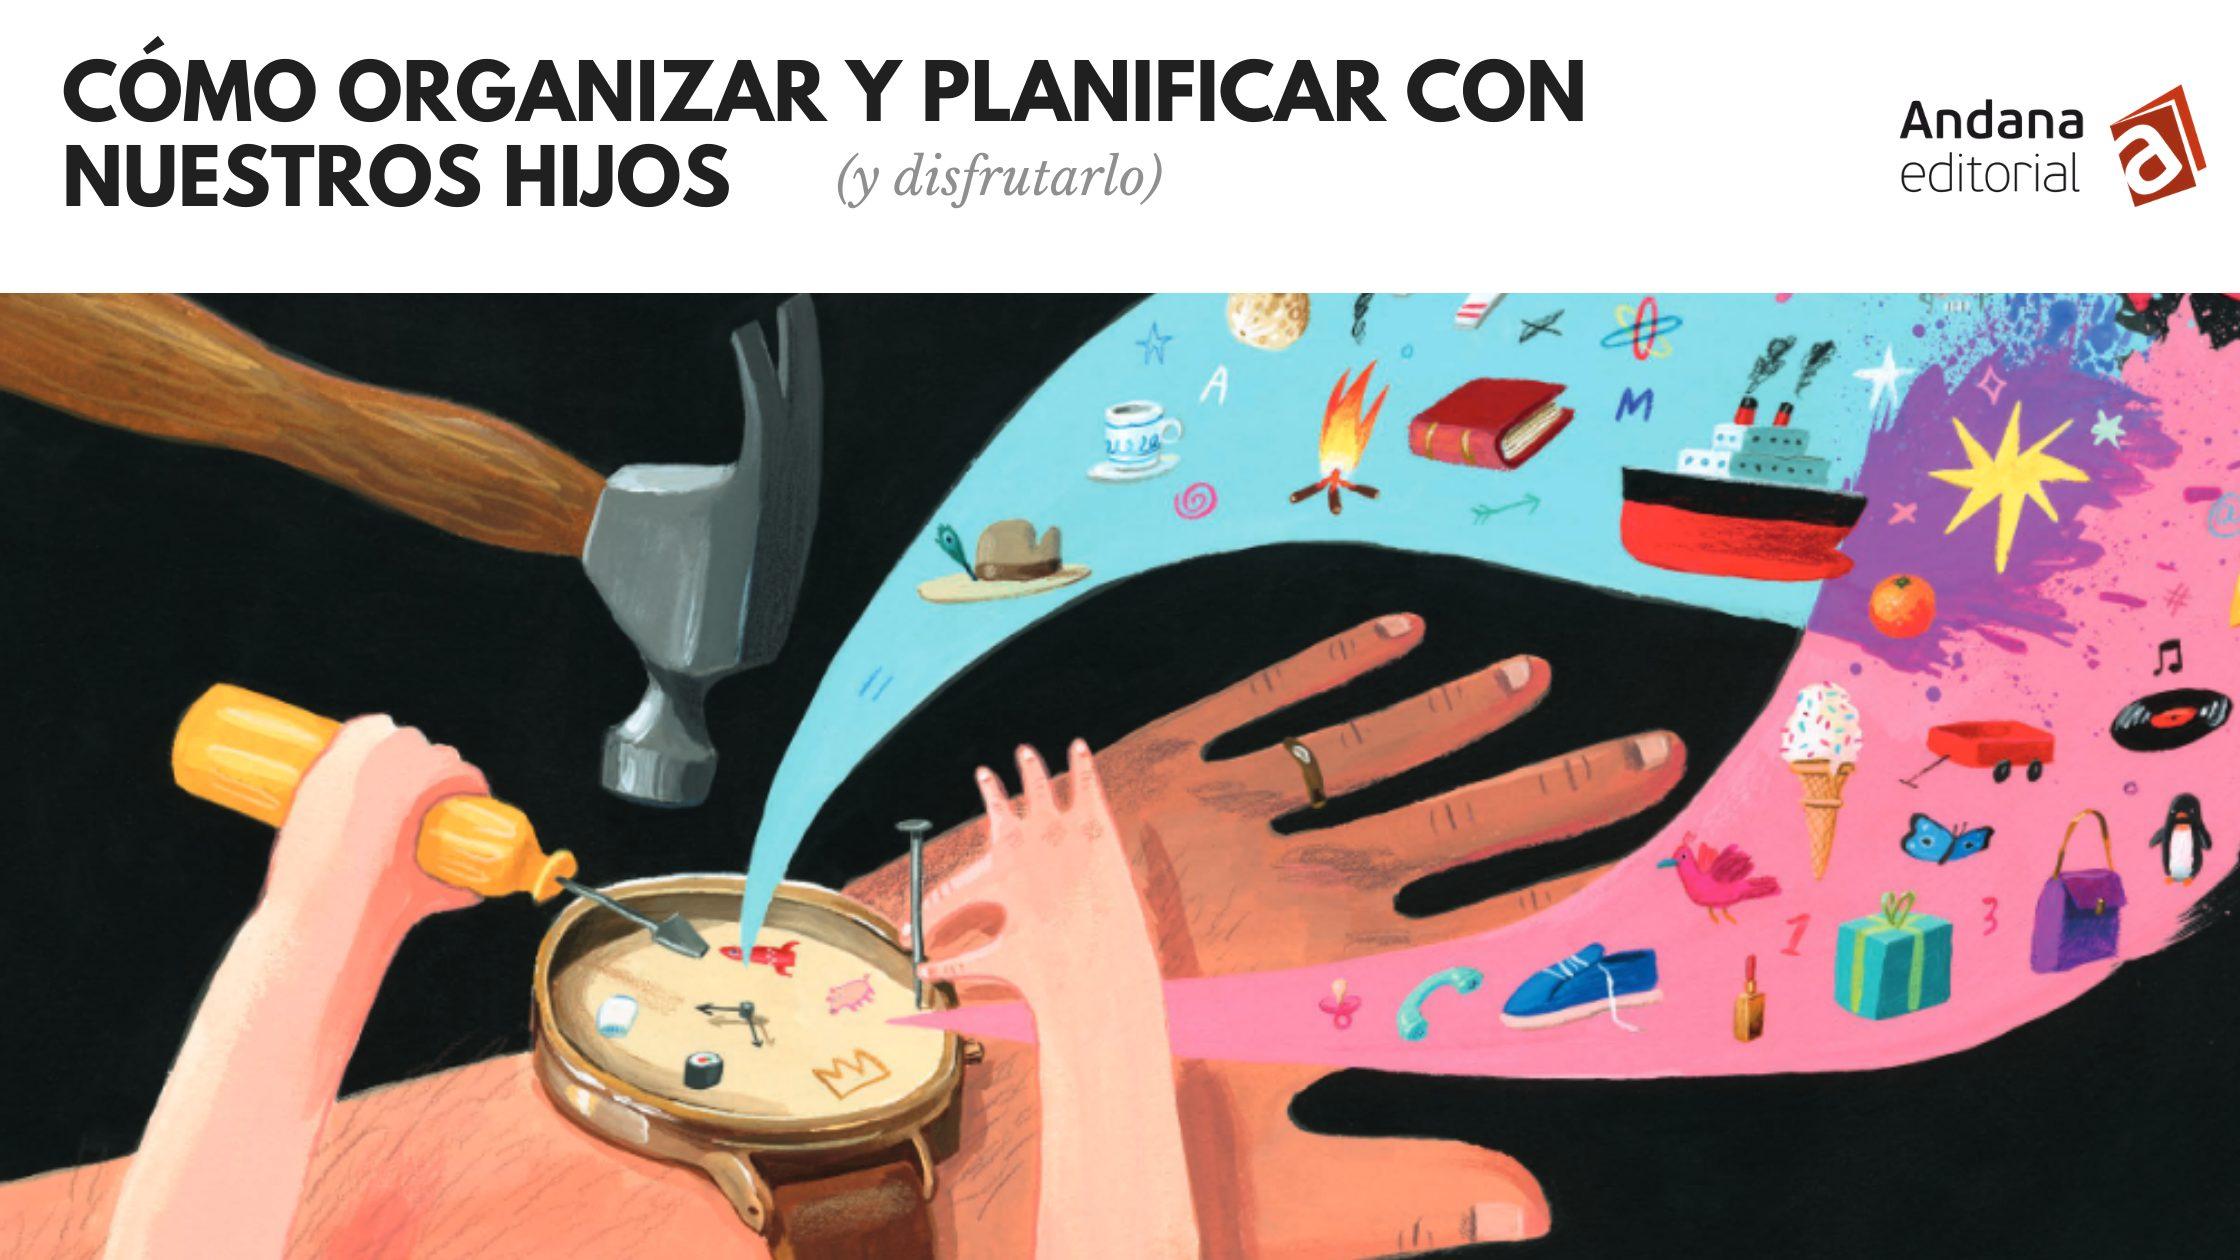 Cómo organizar y planificar con nuestros hijos (y disfrutarlo)